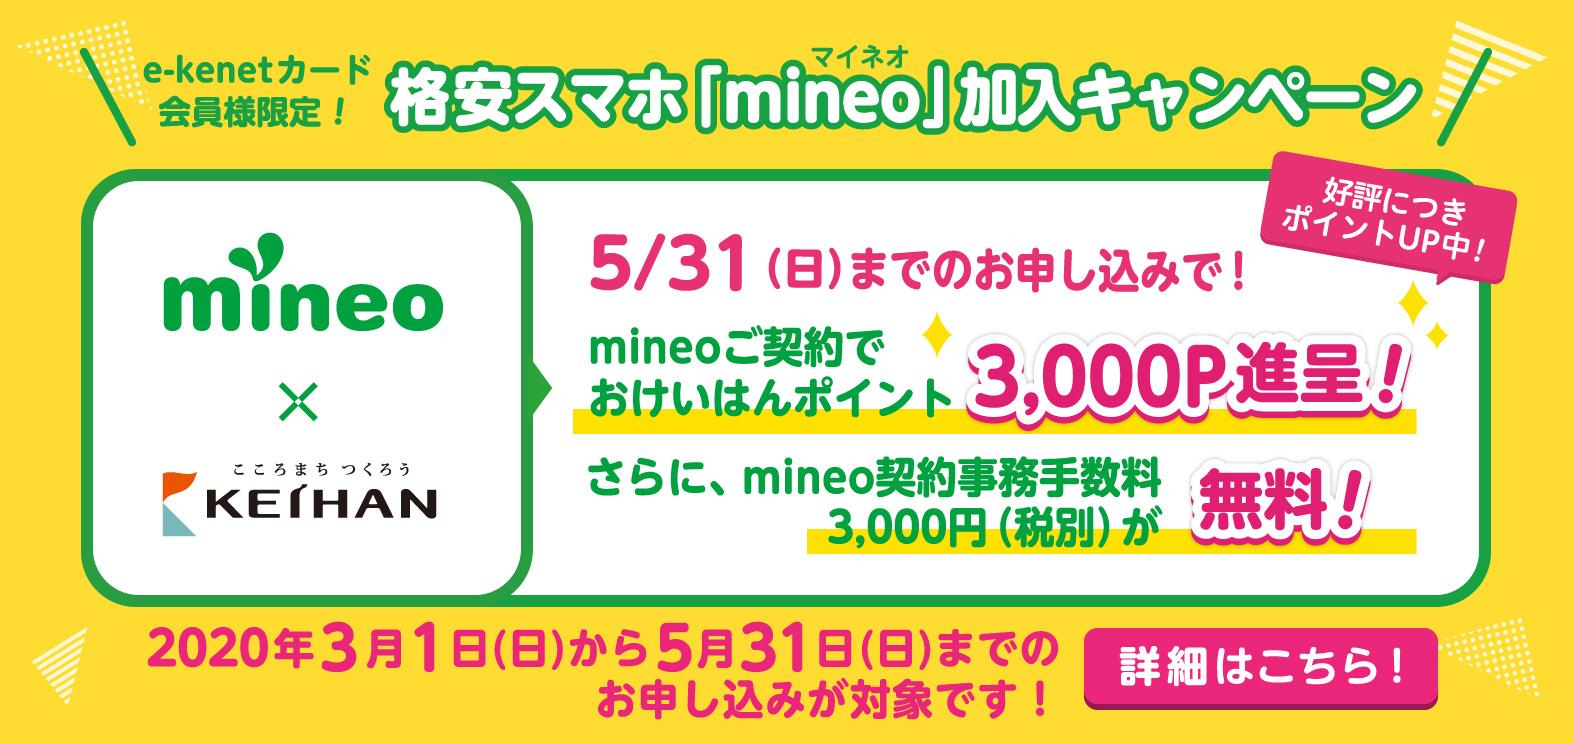 格安スマホ「mineo(マイネオ)」加入キャンペーン